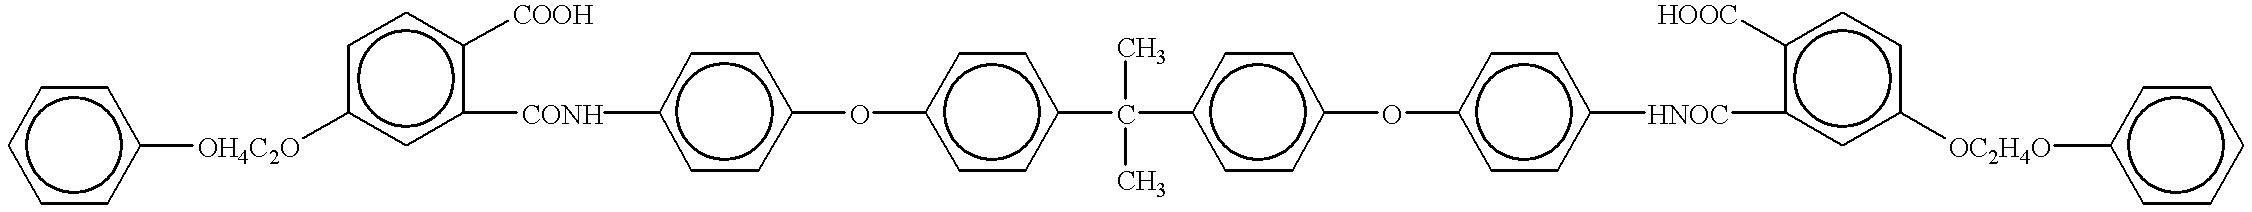 Figure US06180560-20010130-C00451